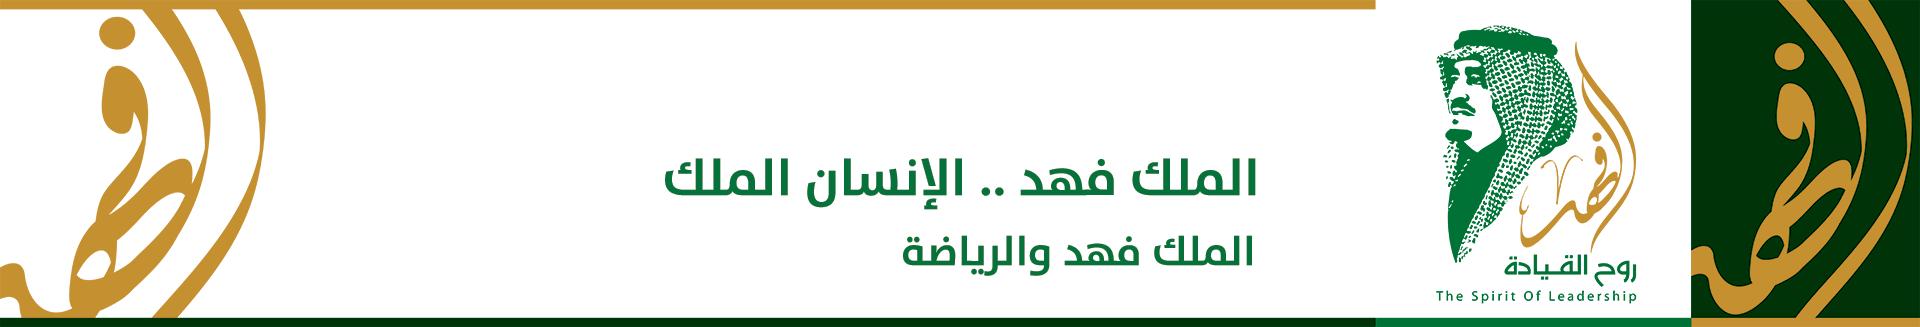 الملك فهد والرياضة متلازمين جداً، فقد شجع الملك فهد خلال السنوات العشرين الماضية تنمية الشؤون الرياضية في المملكة العربية السعودية